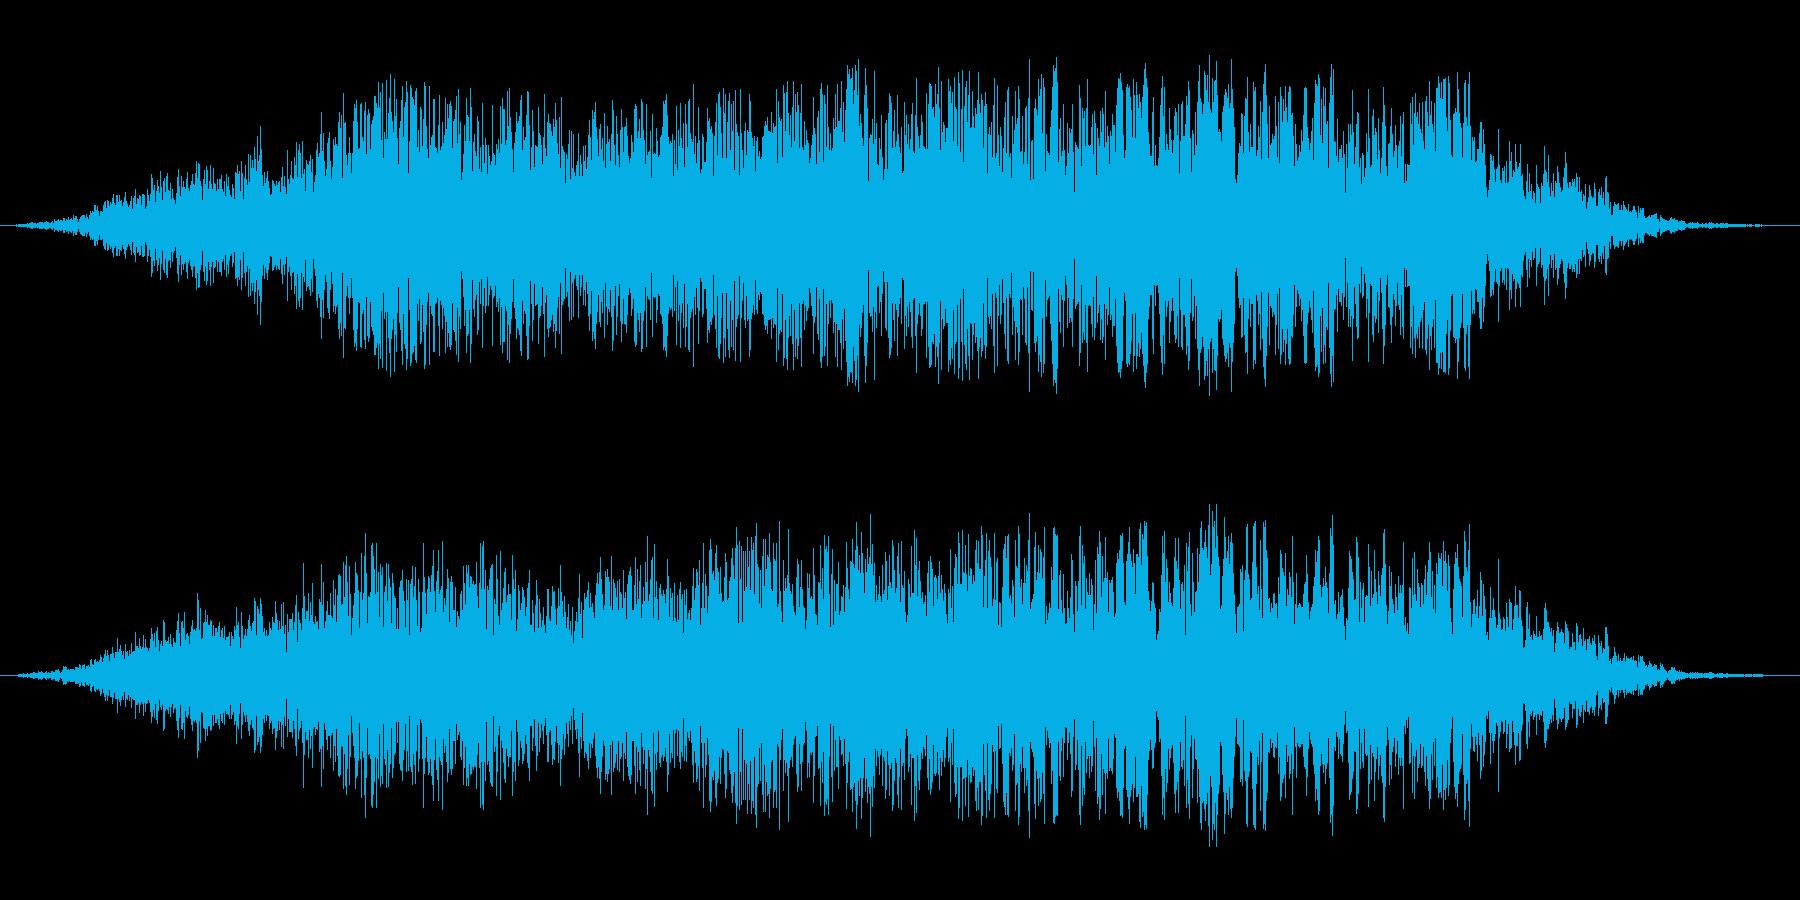 管制塔での航空機通過音の再生済みの波形